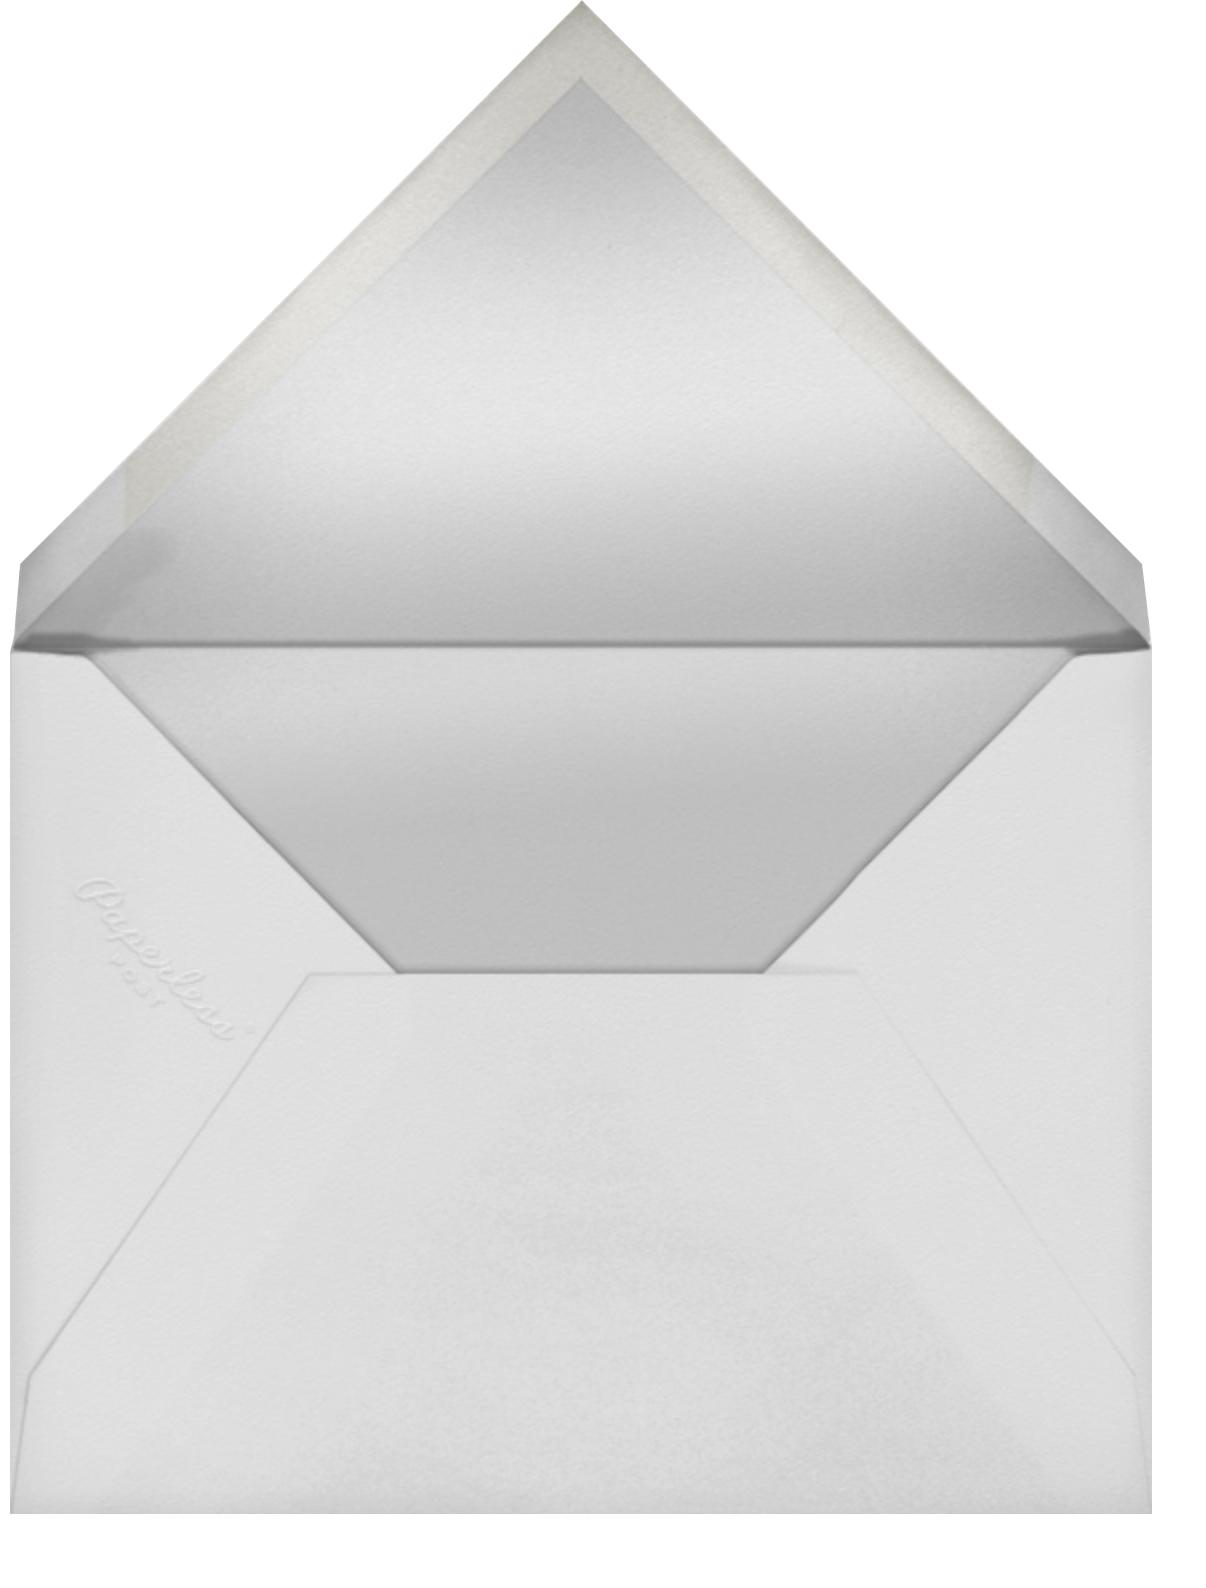 Nissuin (Menu) - Meringue - Paperless Post - Menus - envelope back